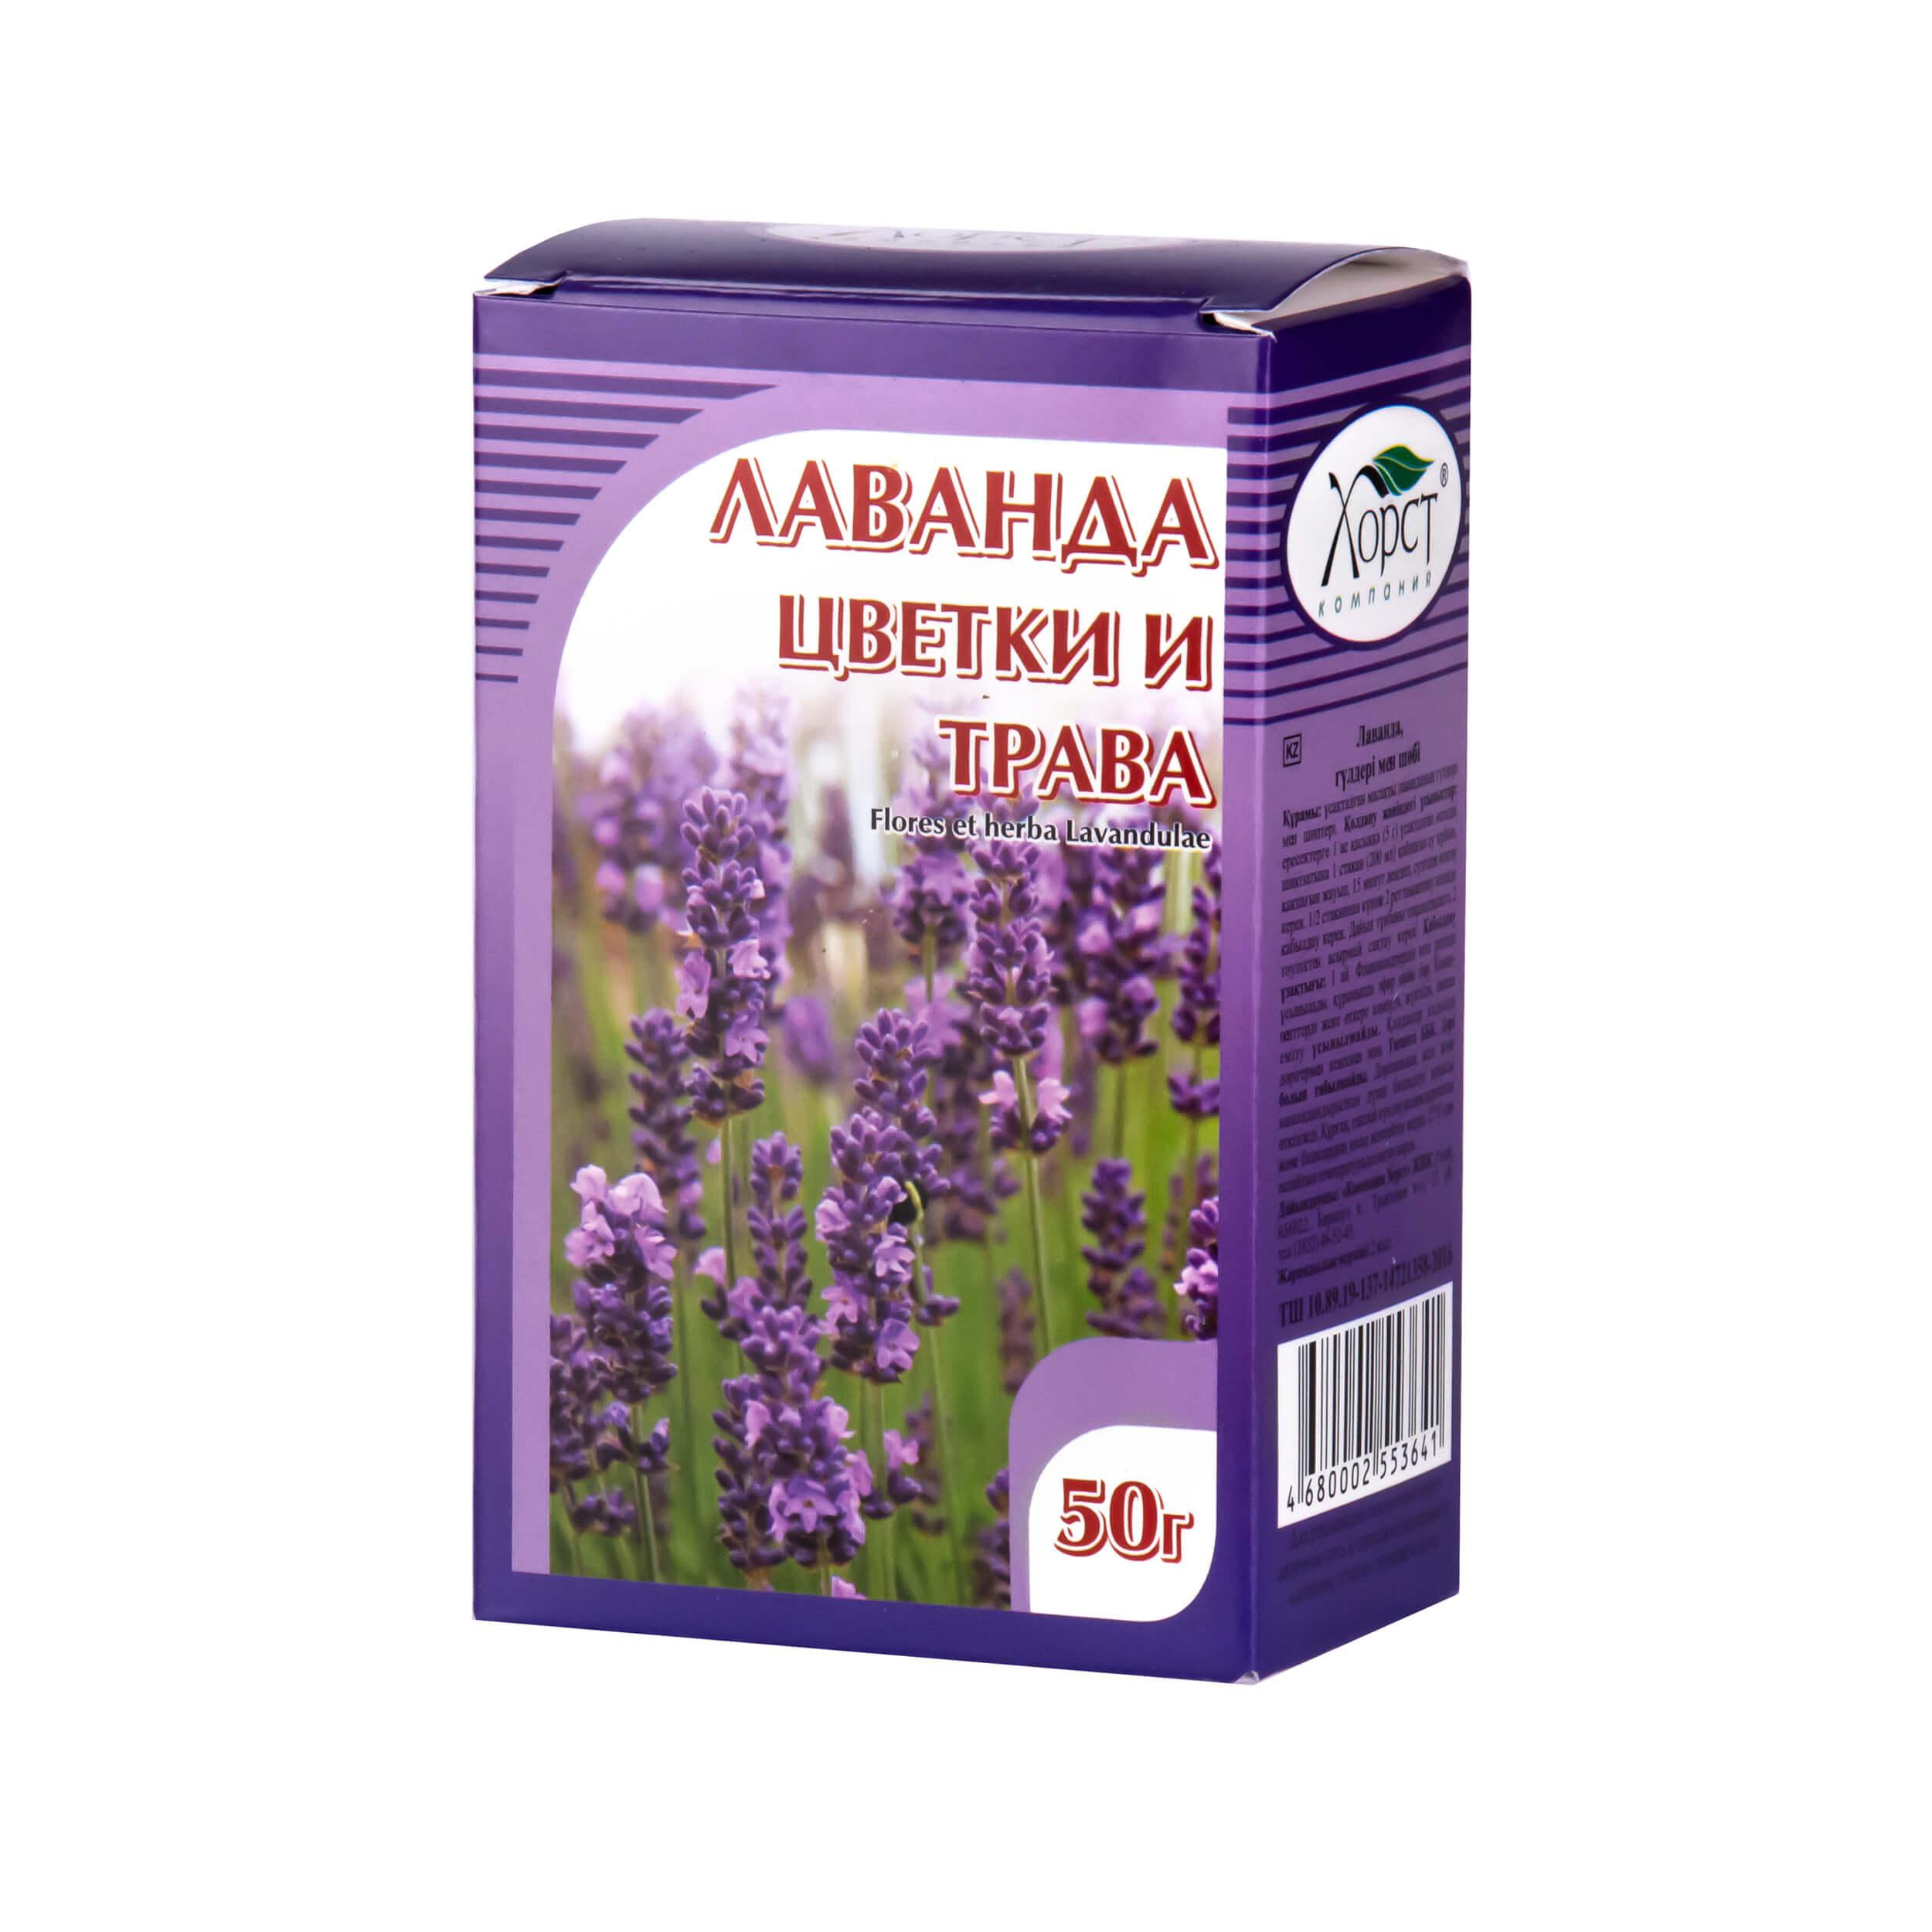 Лаванда (цветки и трава, 50 грамм) фото